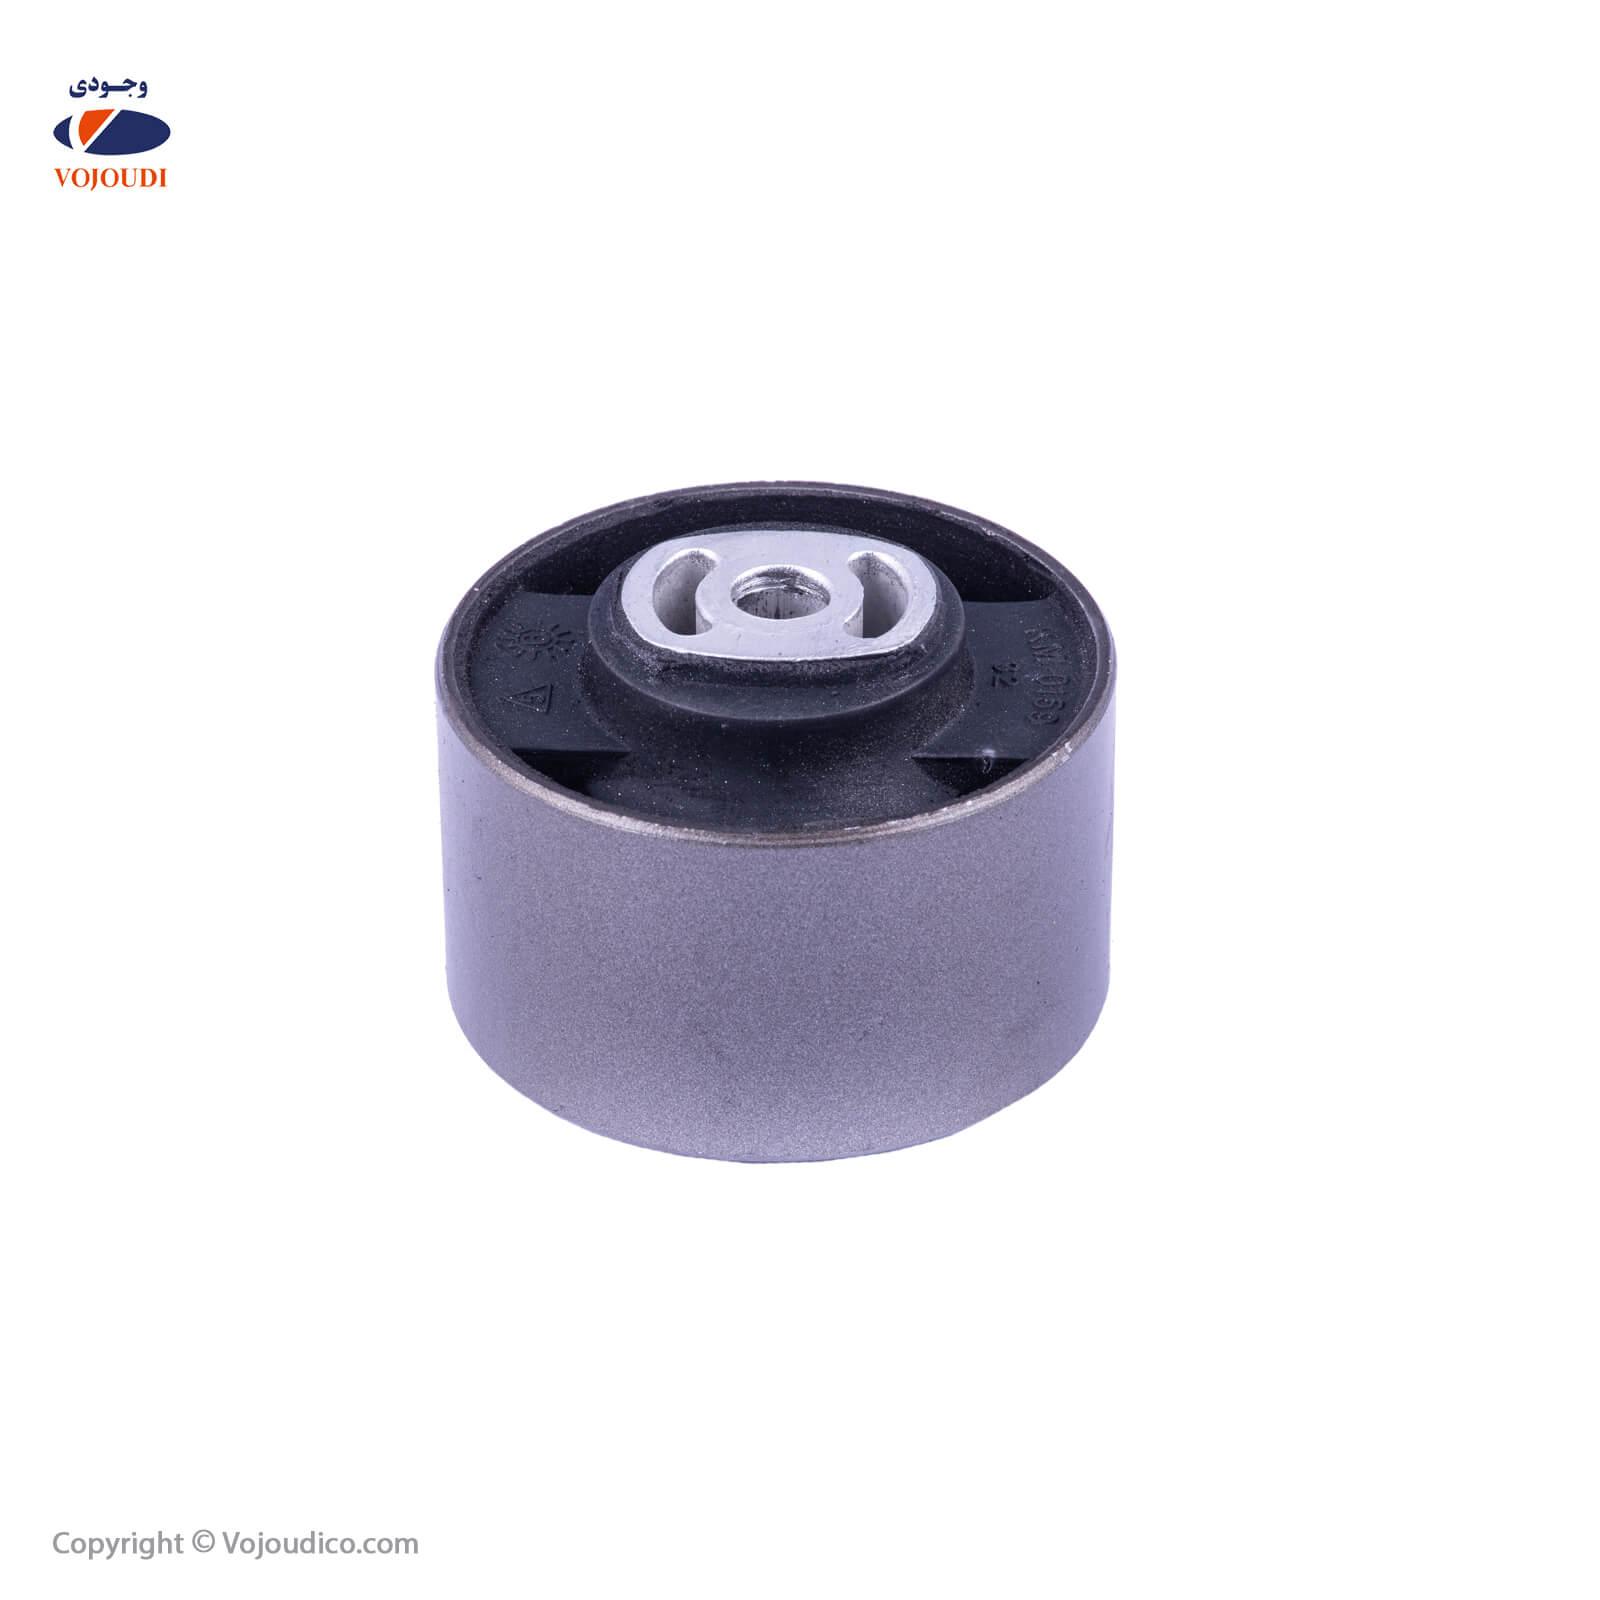 3957 1 - دسته موتور گرد فلزی وجودی کد 3957 مناسب برای زانتیا 1800-2000